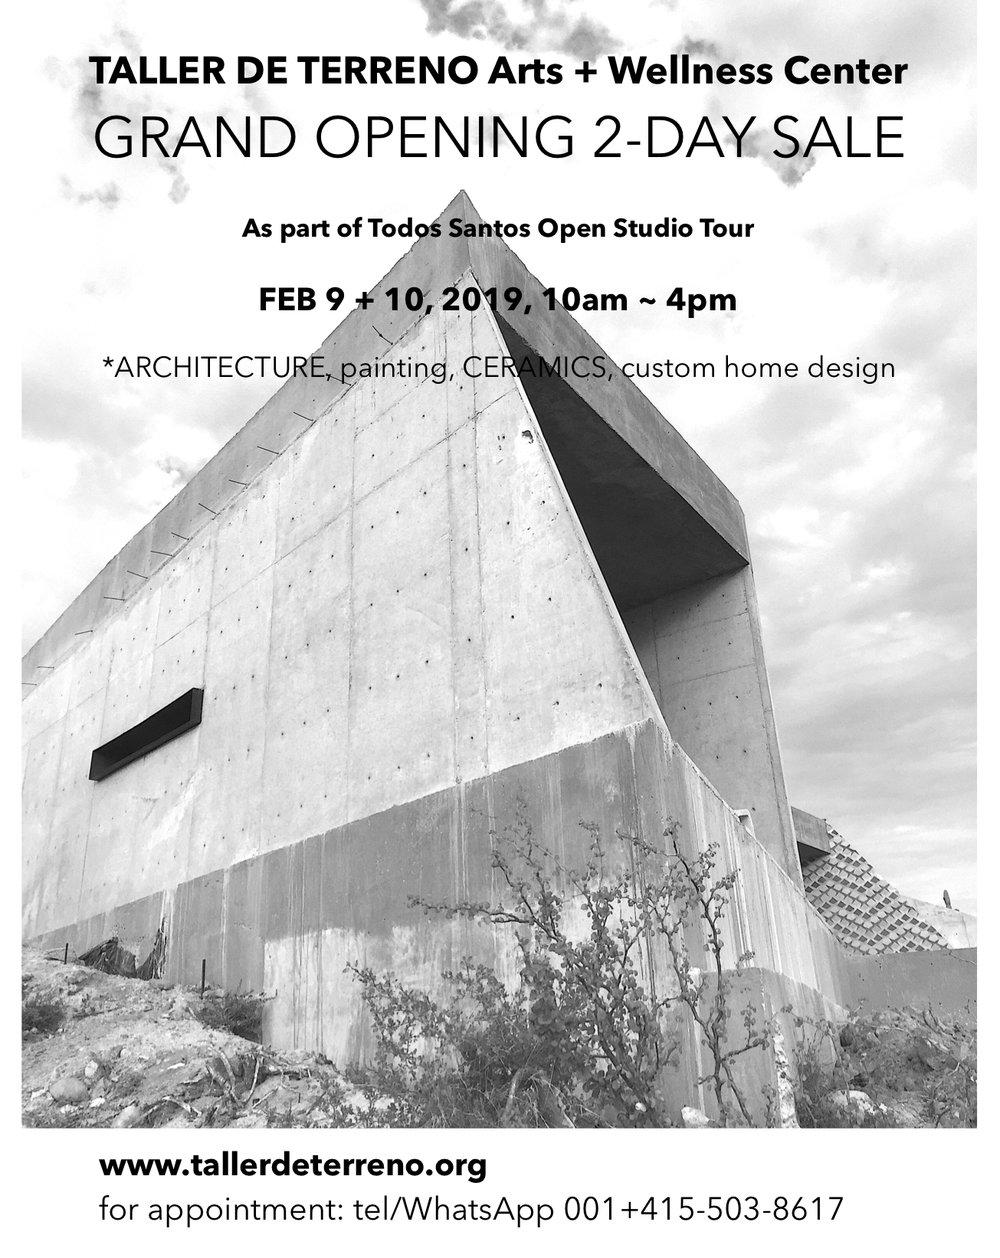 Grand Opening_Taller de Terreno_handbill.jpg